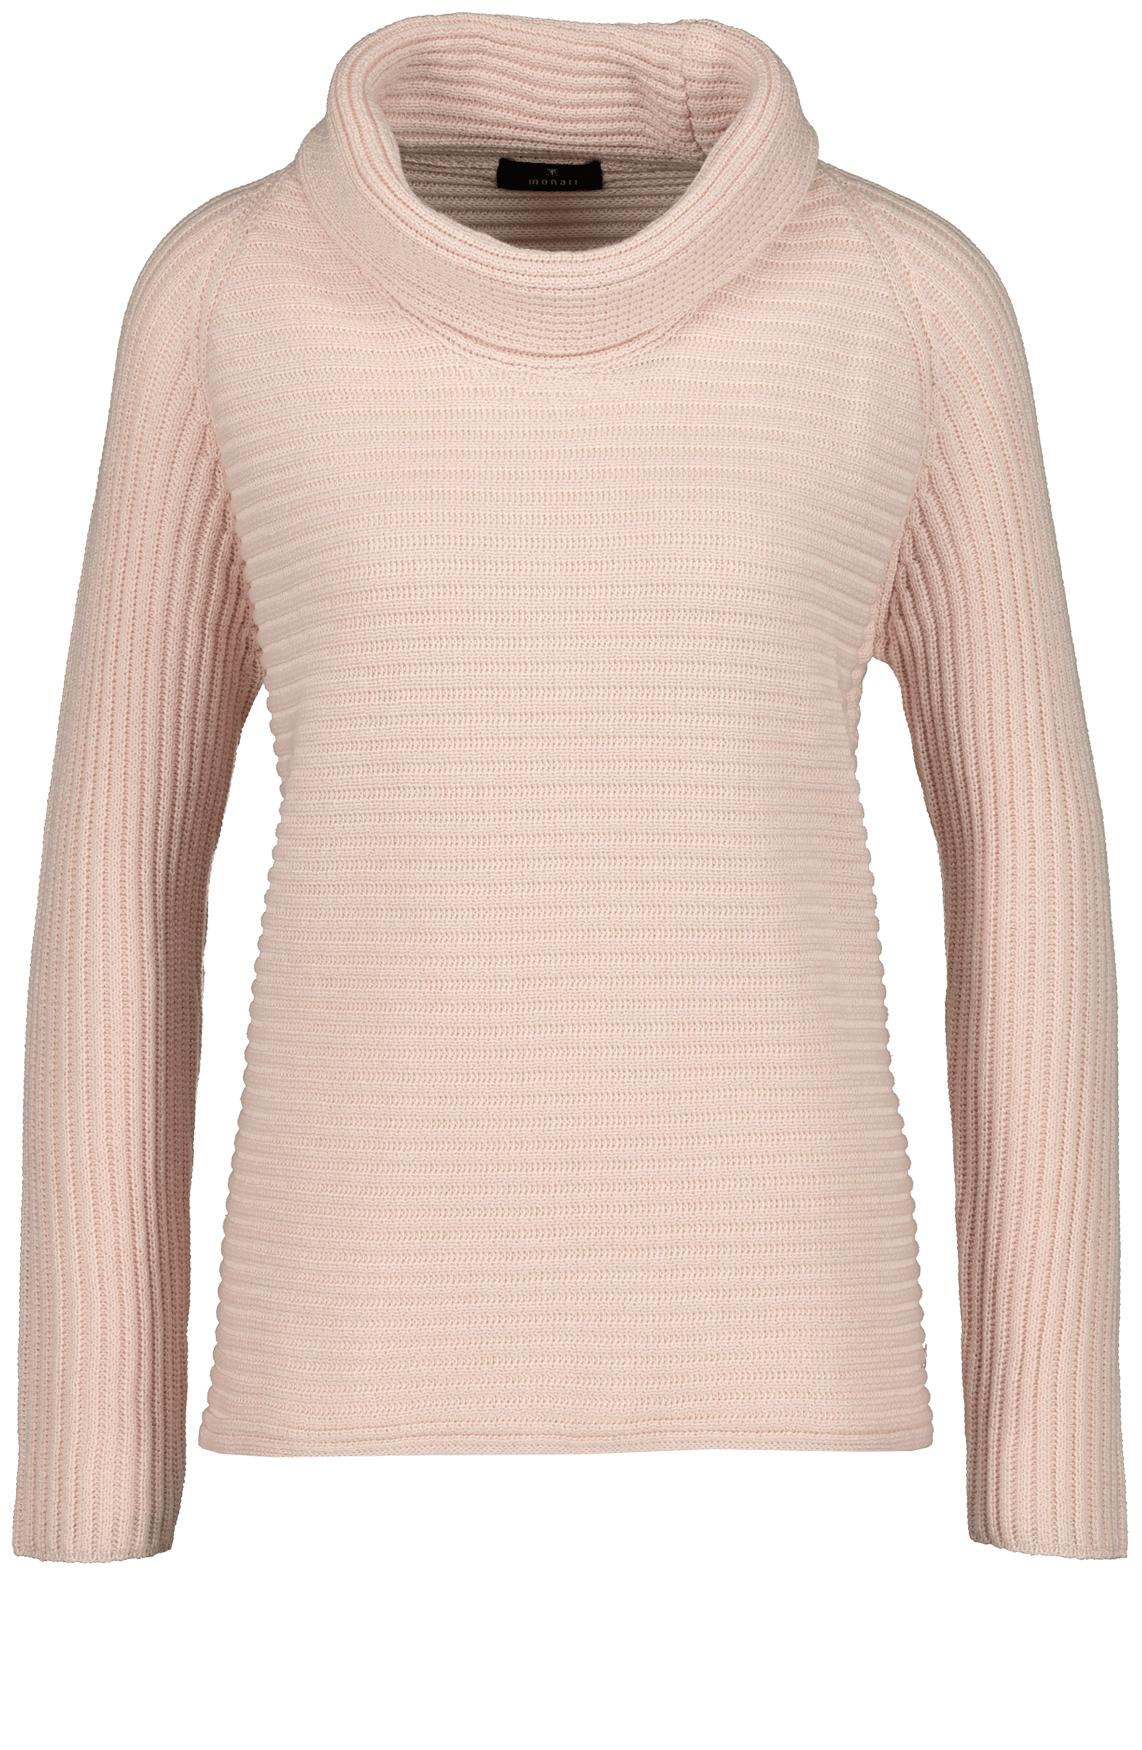 Monari Dames Pullover met opstaande kraag roze